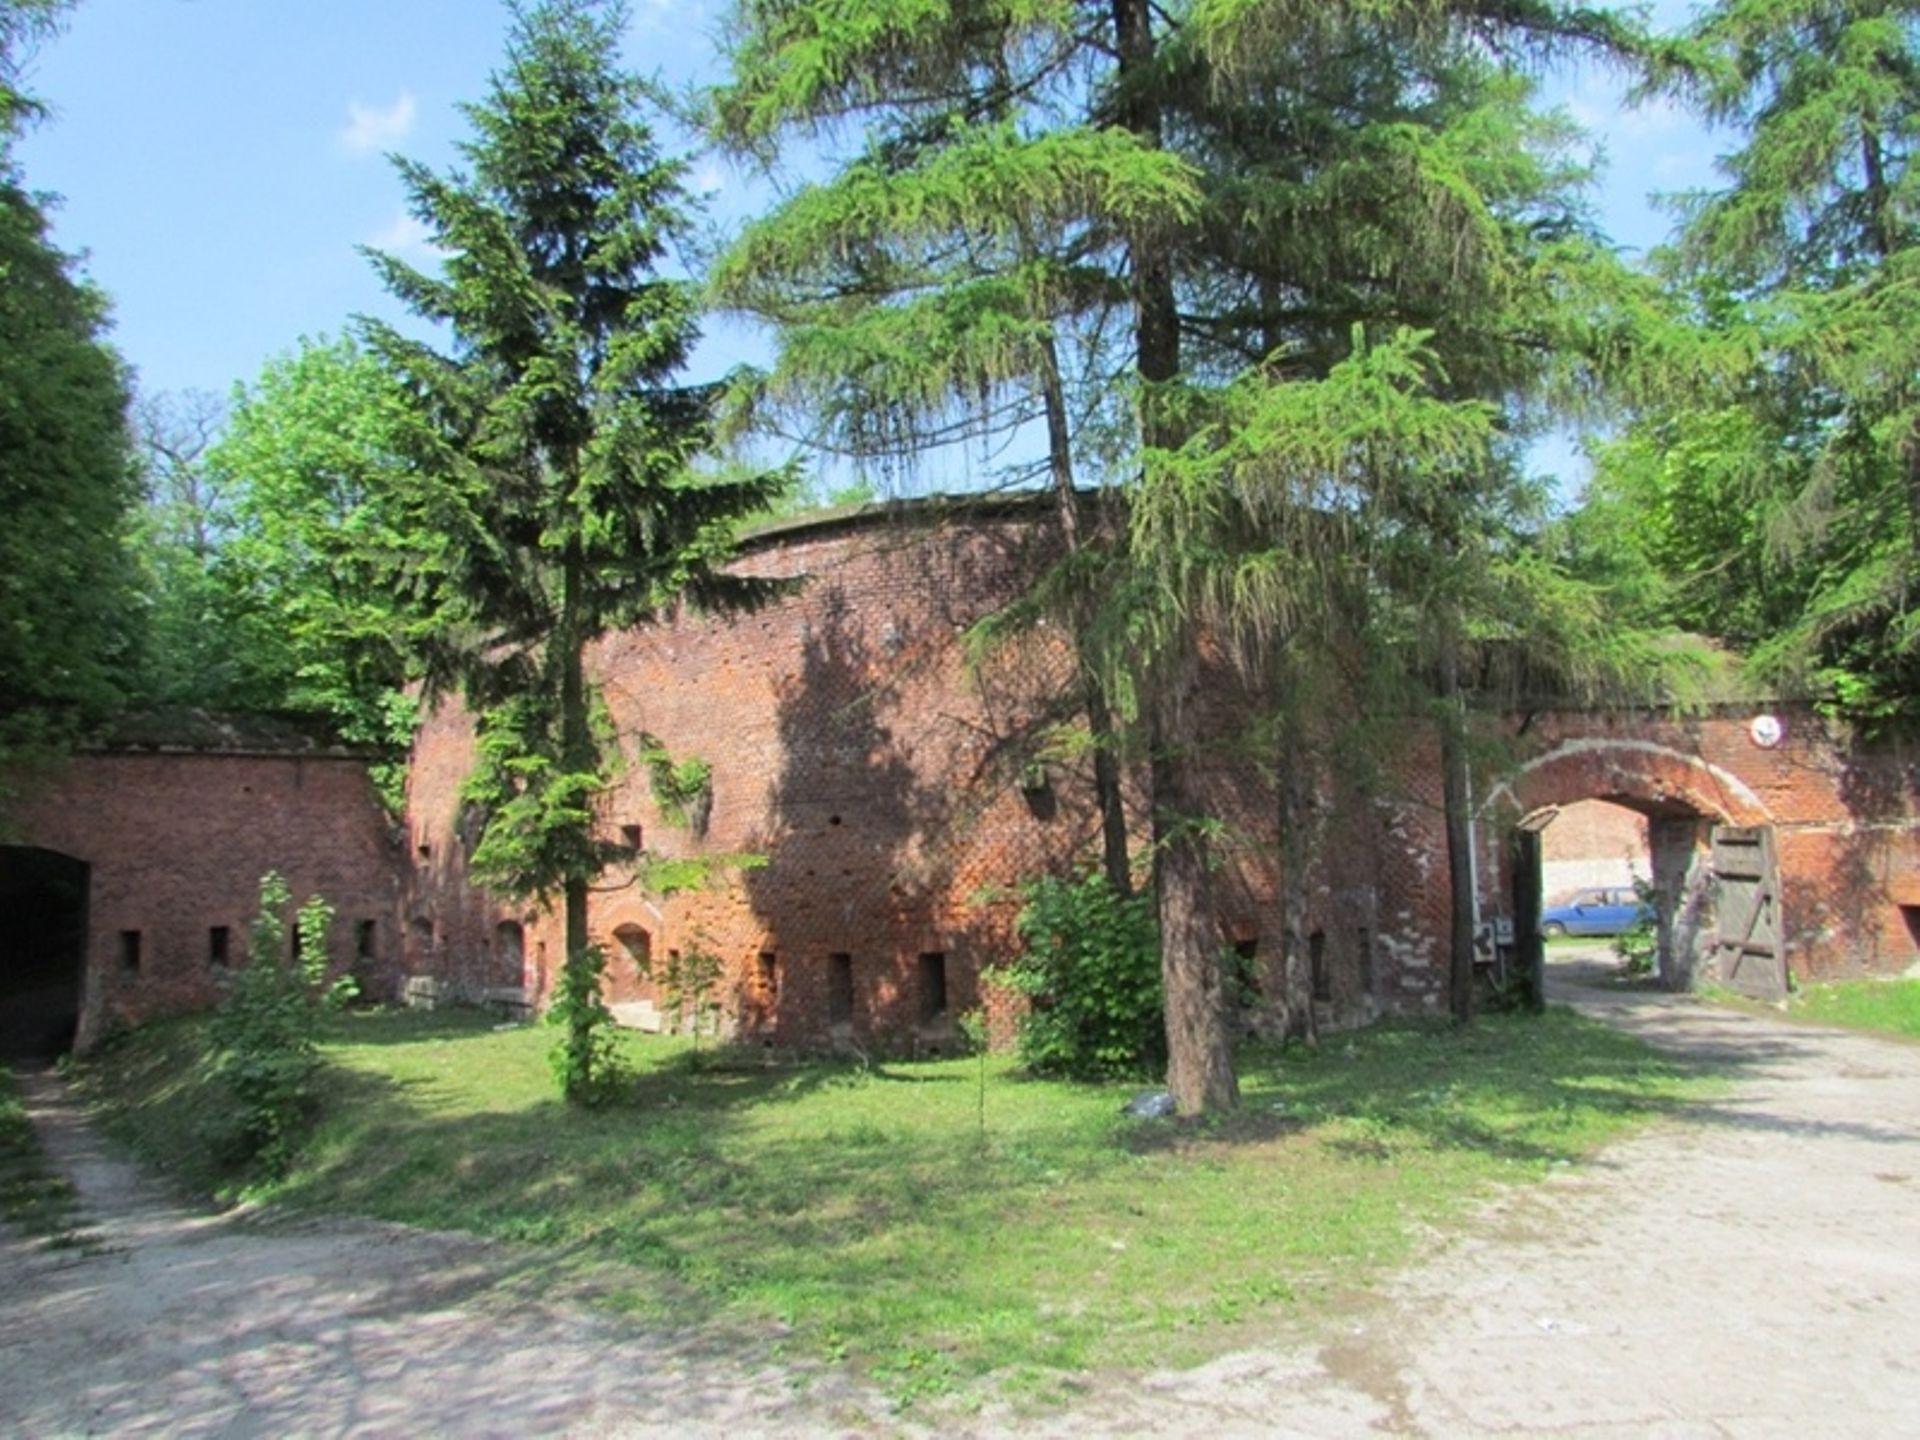 Kraków: Co z zabytkowym fortem w Bronowicach? Fiasko przetargu, choć chętni są